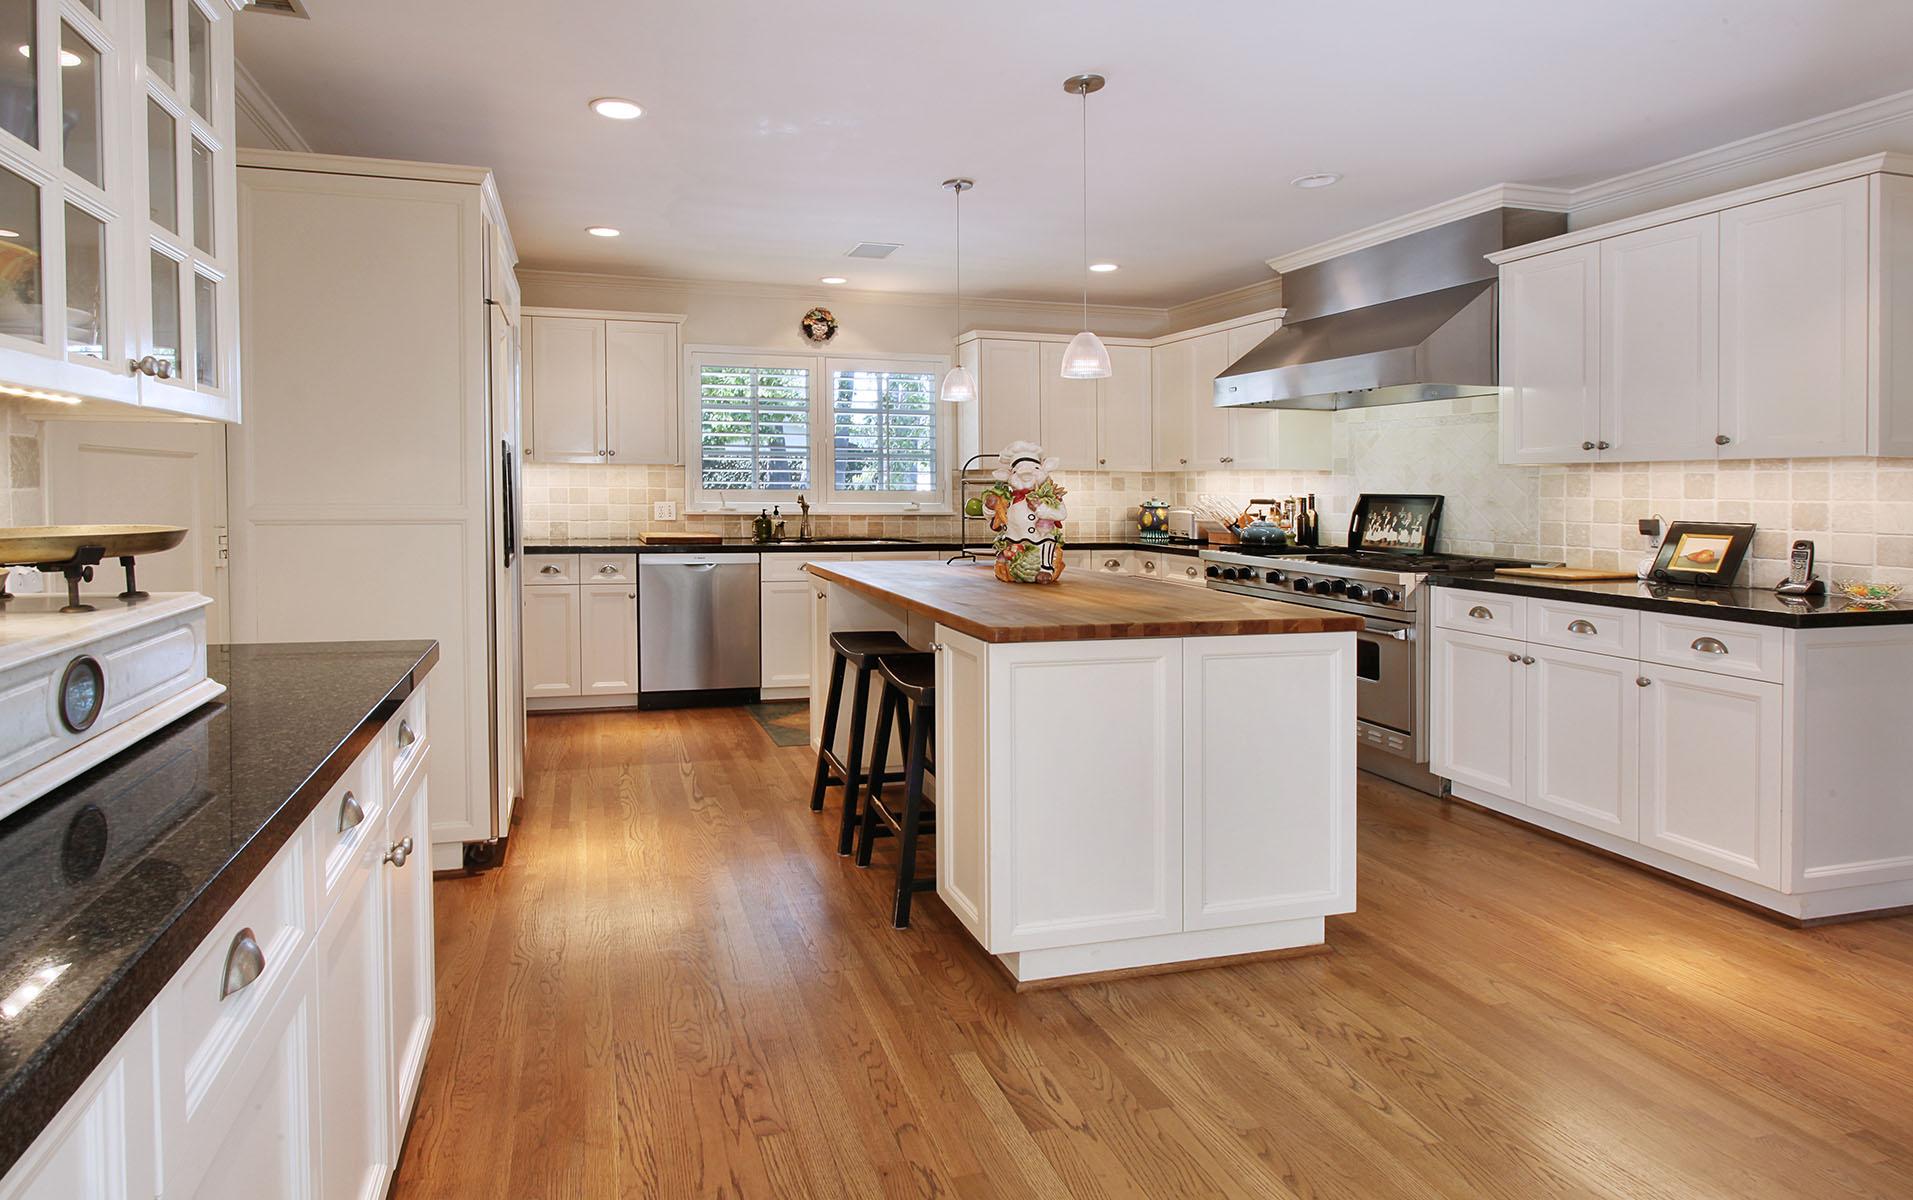 단독 가정 주택 용 매매 에 130 Emerald Bay Laguna Beach, 캘리포니아 92651 미국